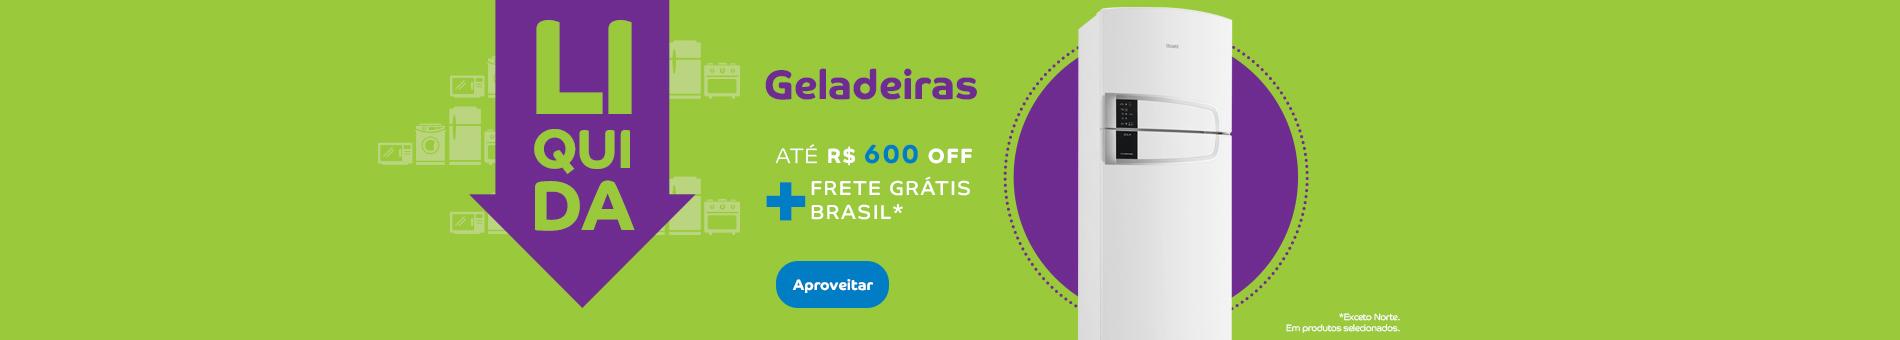 Promoção Interna - 740 - liquidaconsul_geladeiras_home2_26082016 - geladeiras - 2